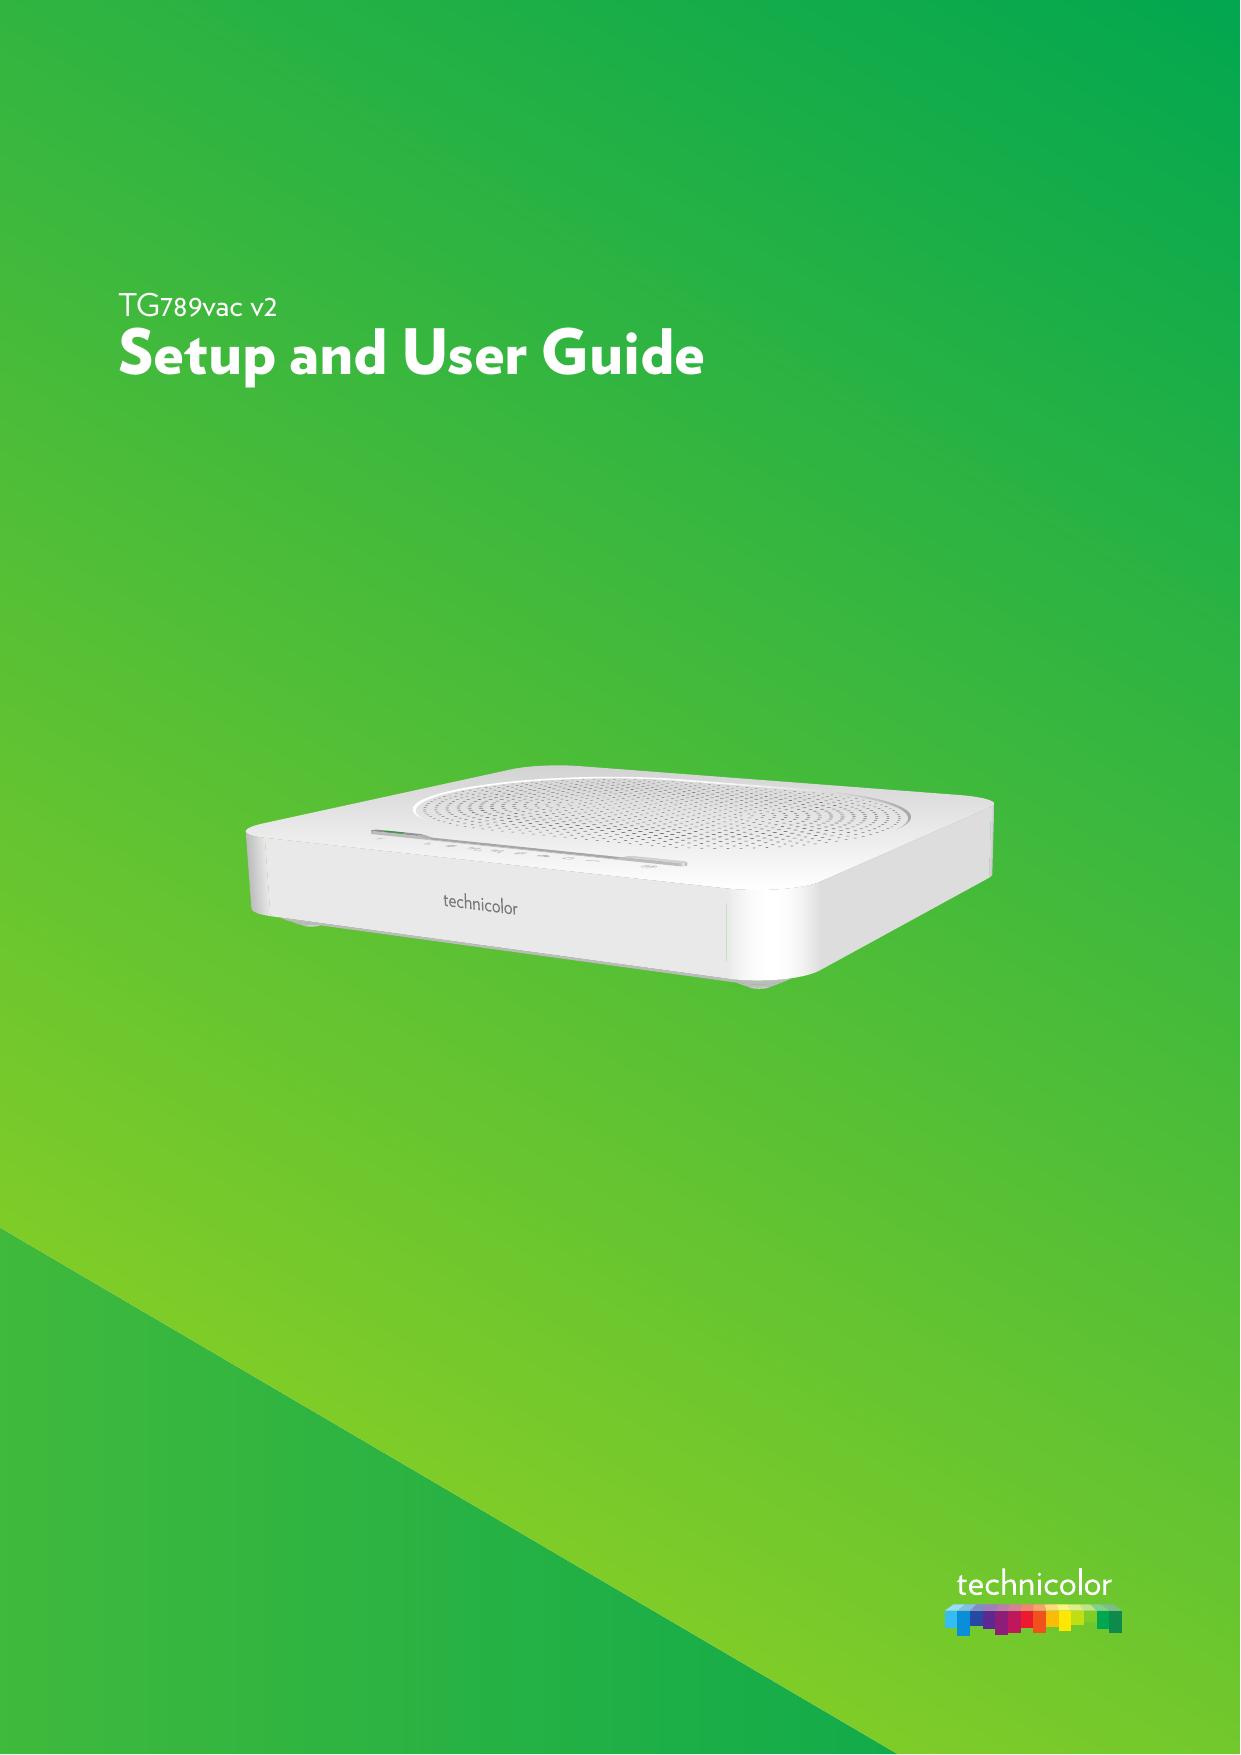 Setup and User Guide | manualzz com